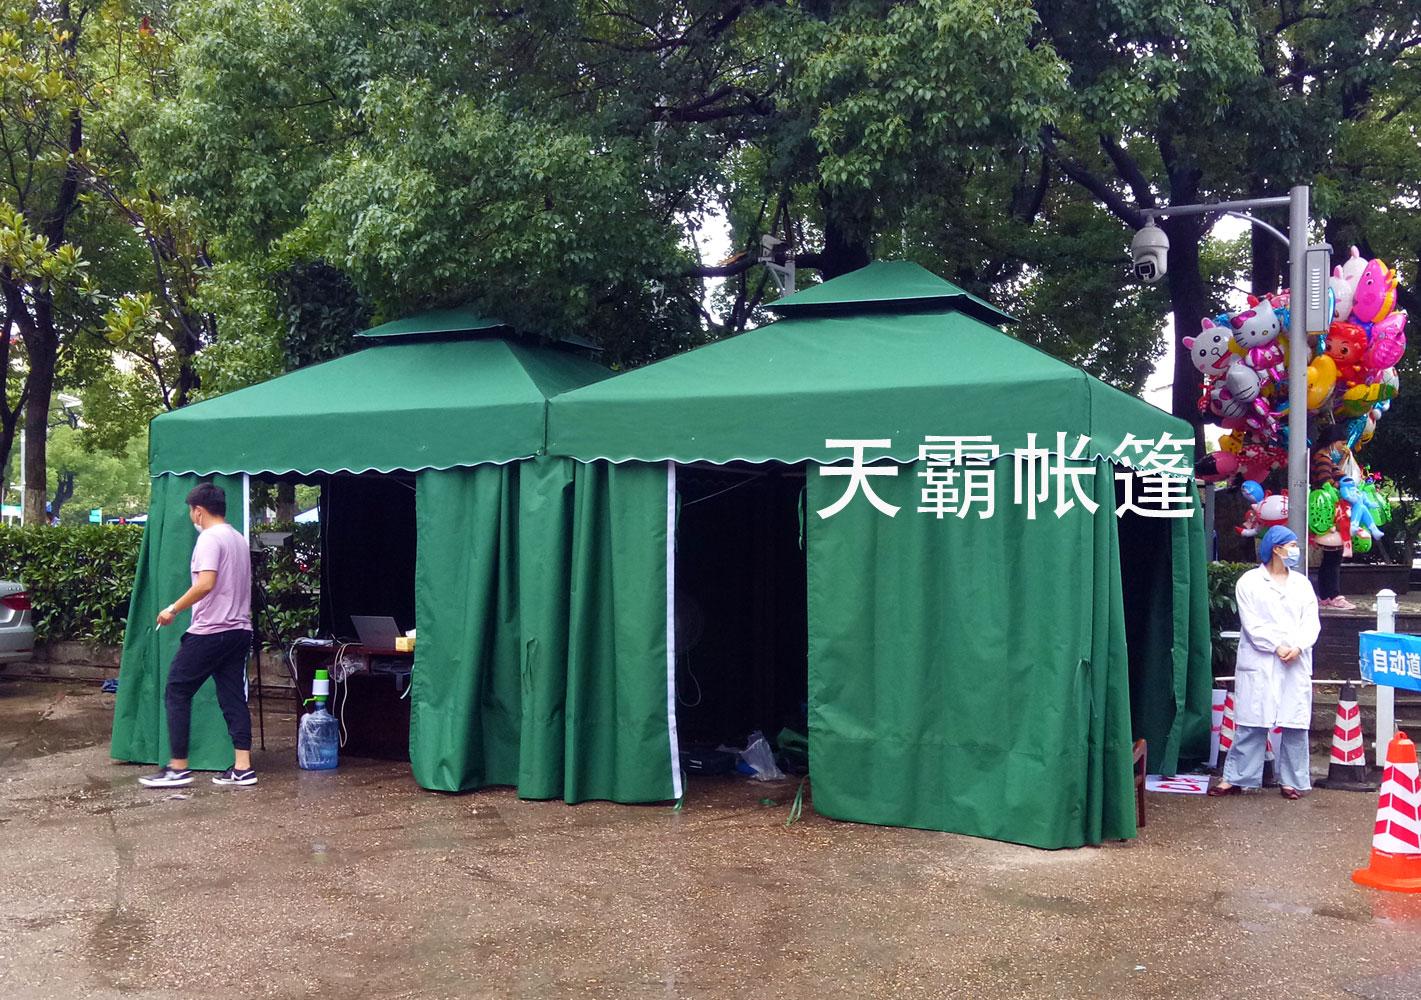 天霸庭院帐篷-疫情期间安检检查通道搭建帐篷